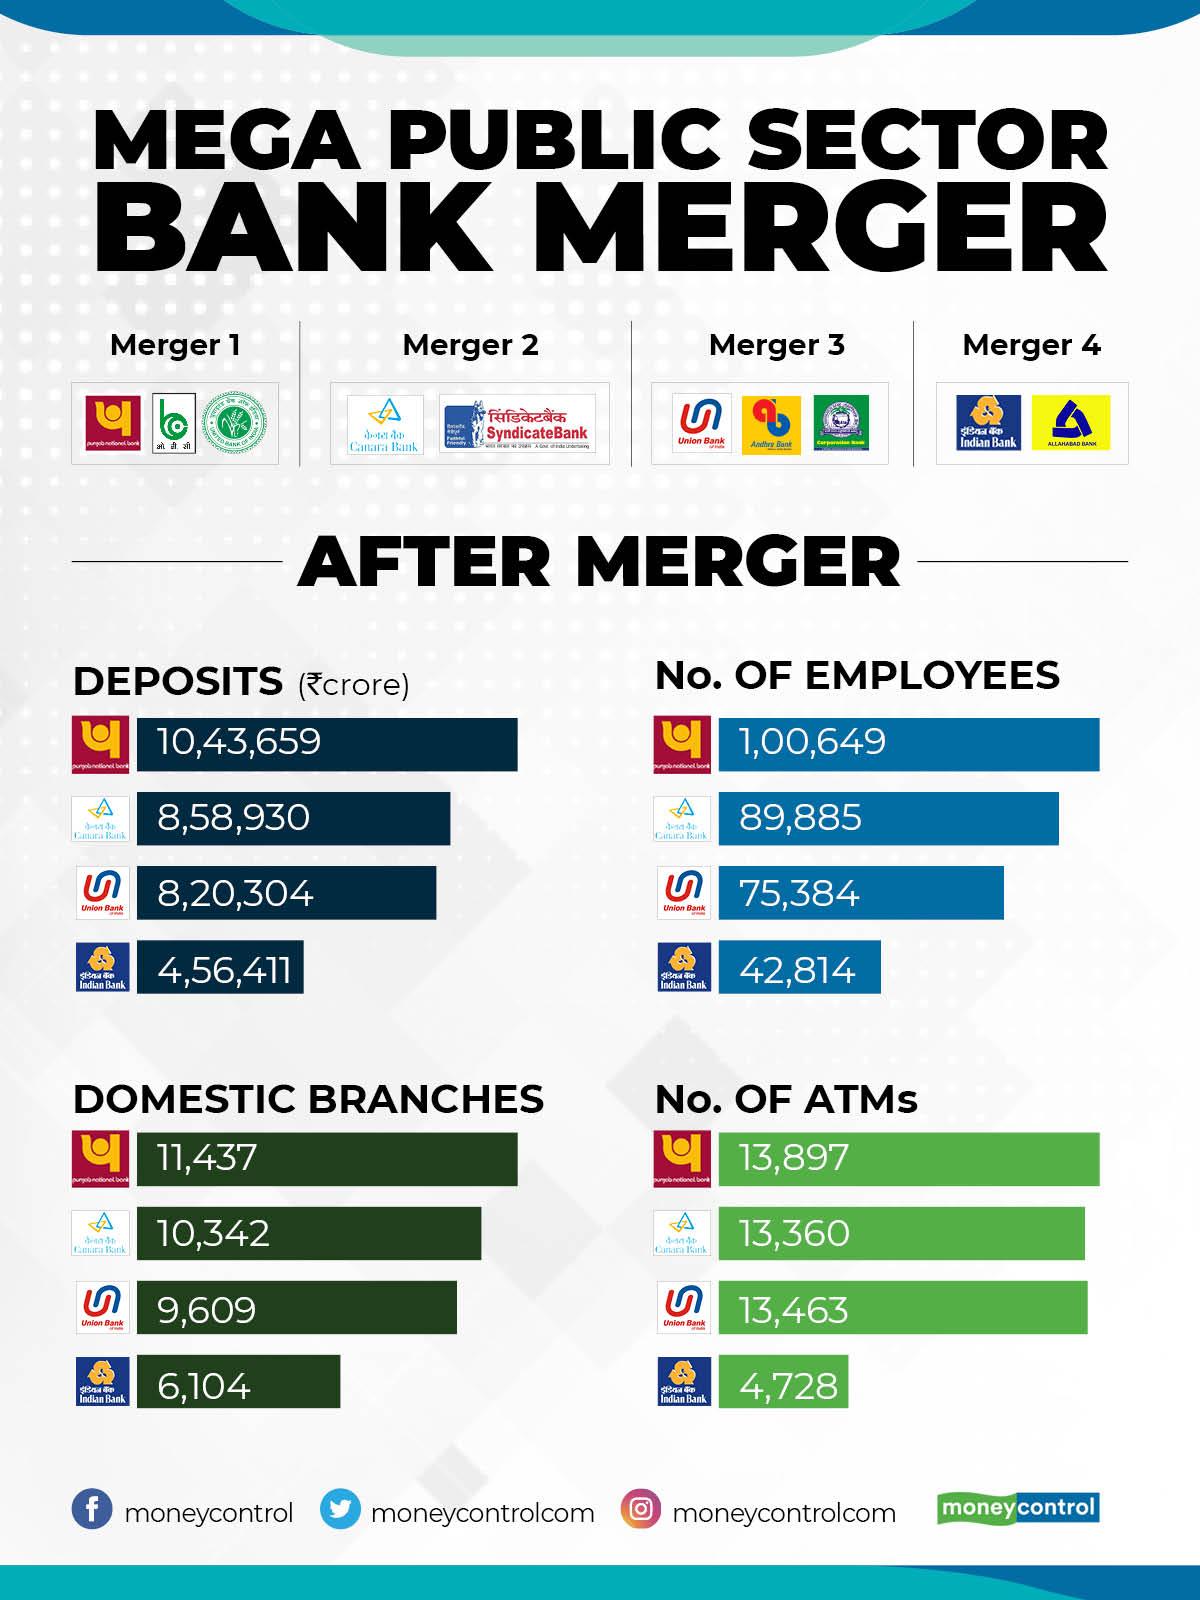 Banks Merger - After Merger banks